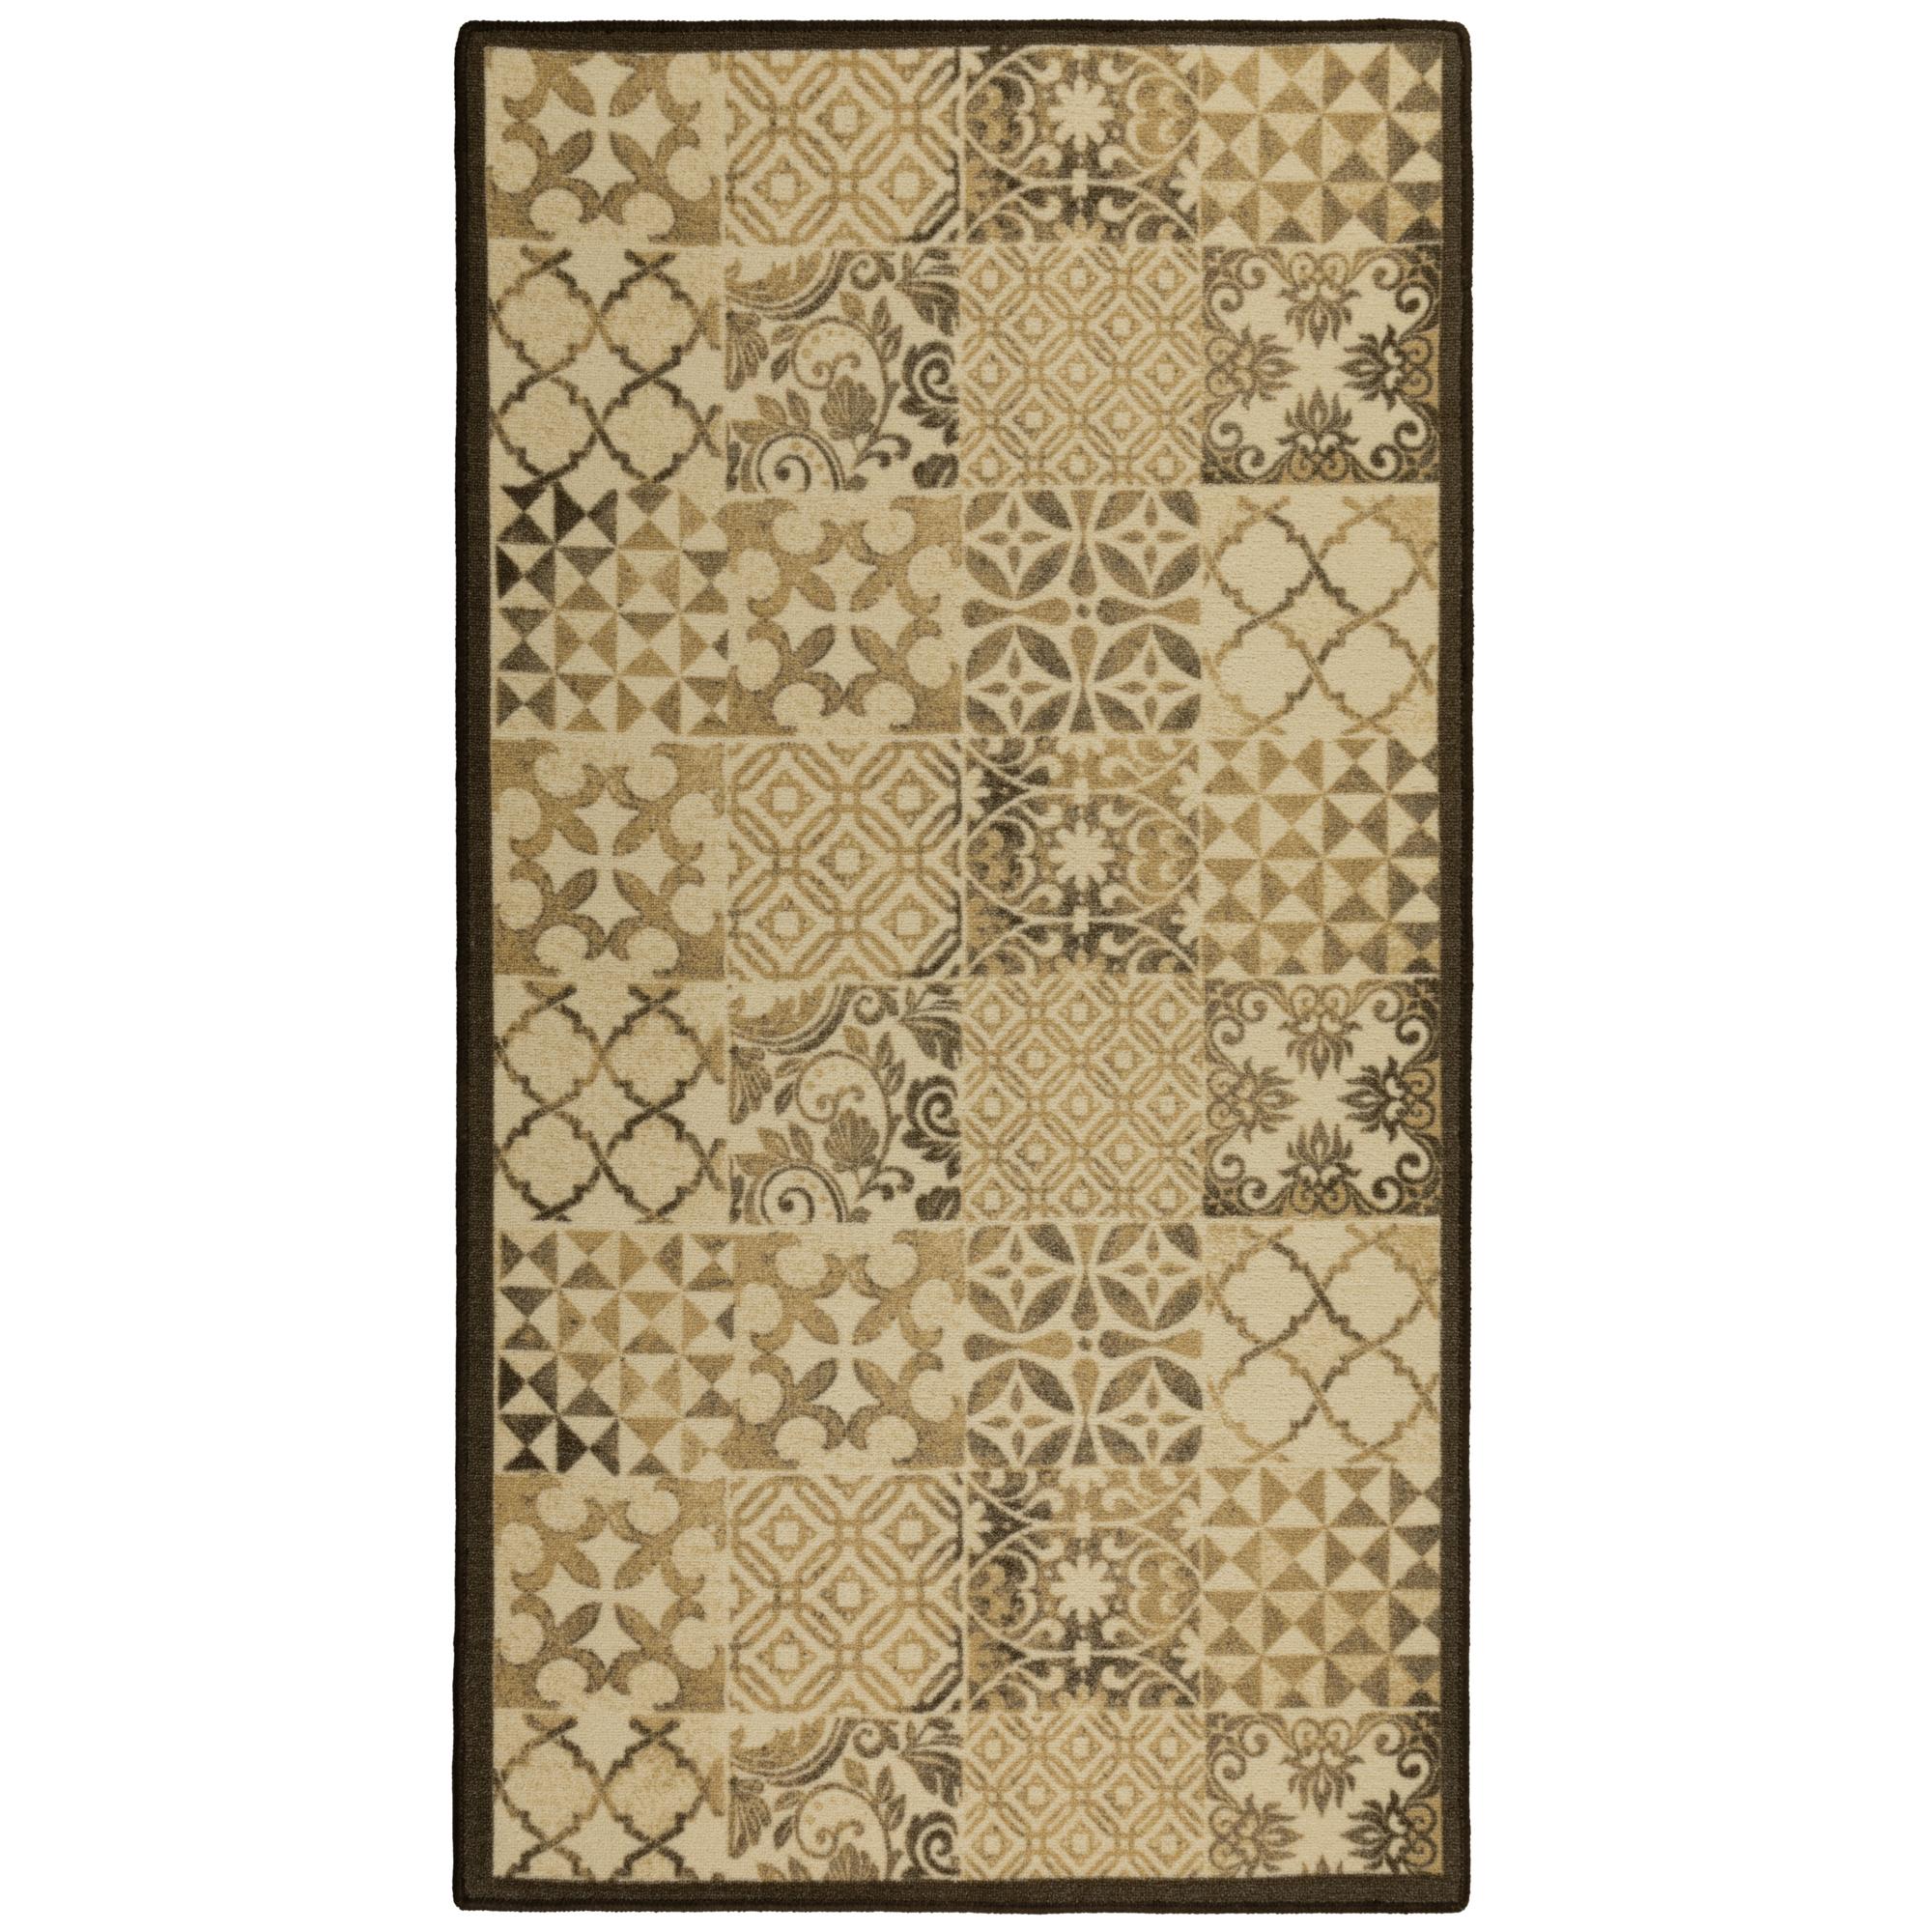 Ковер полиамид Принт Кассино 100x180 см, цвет коричневый